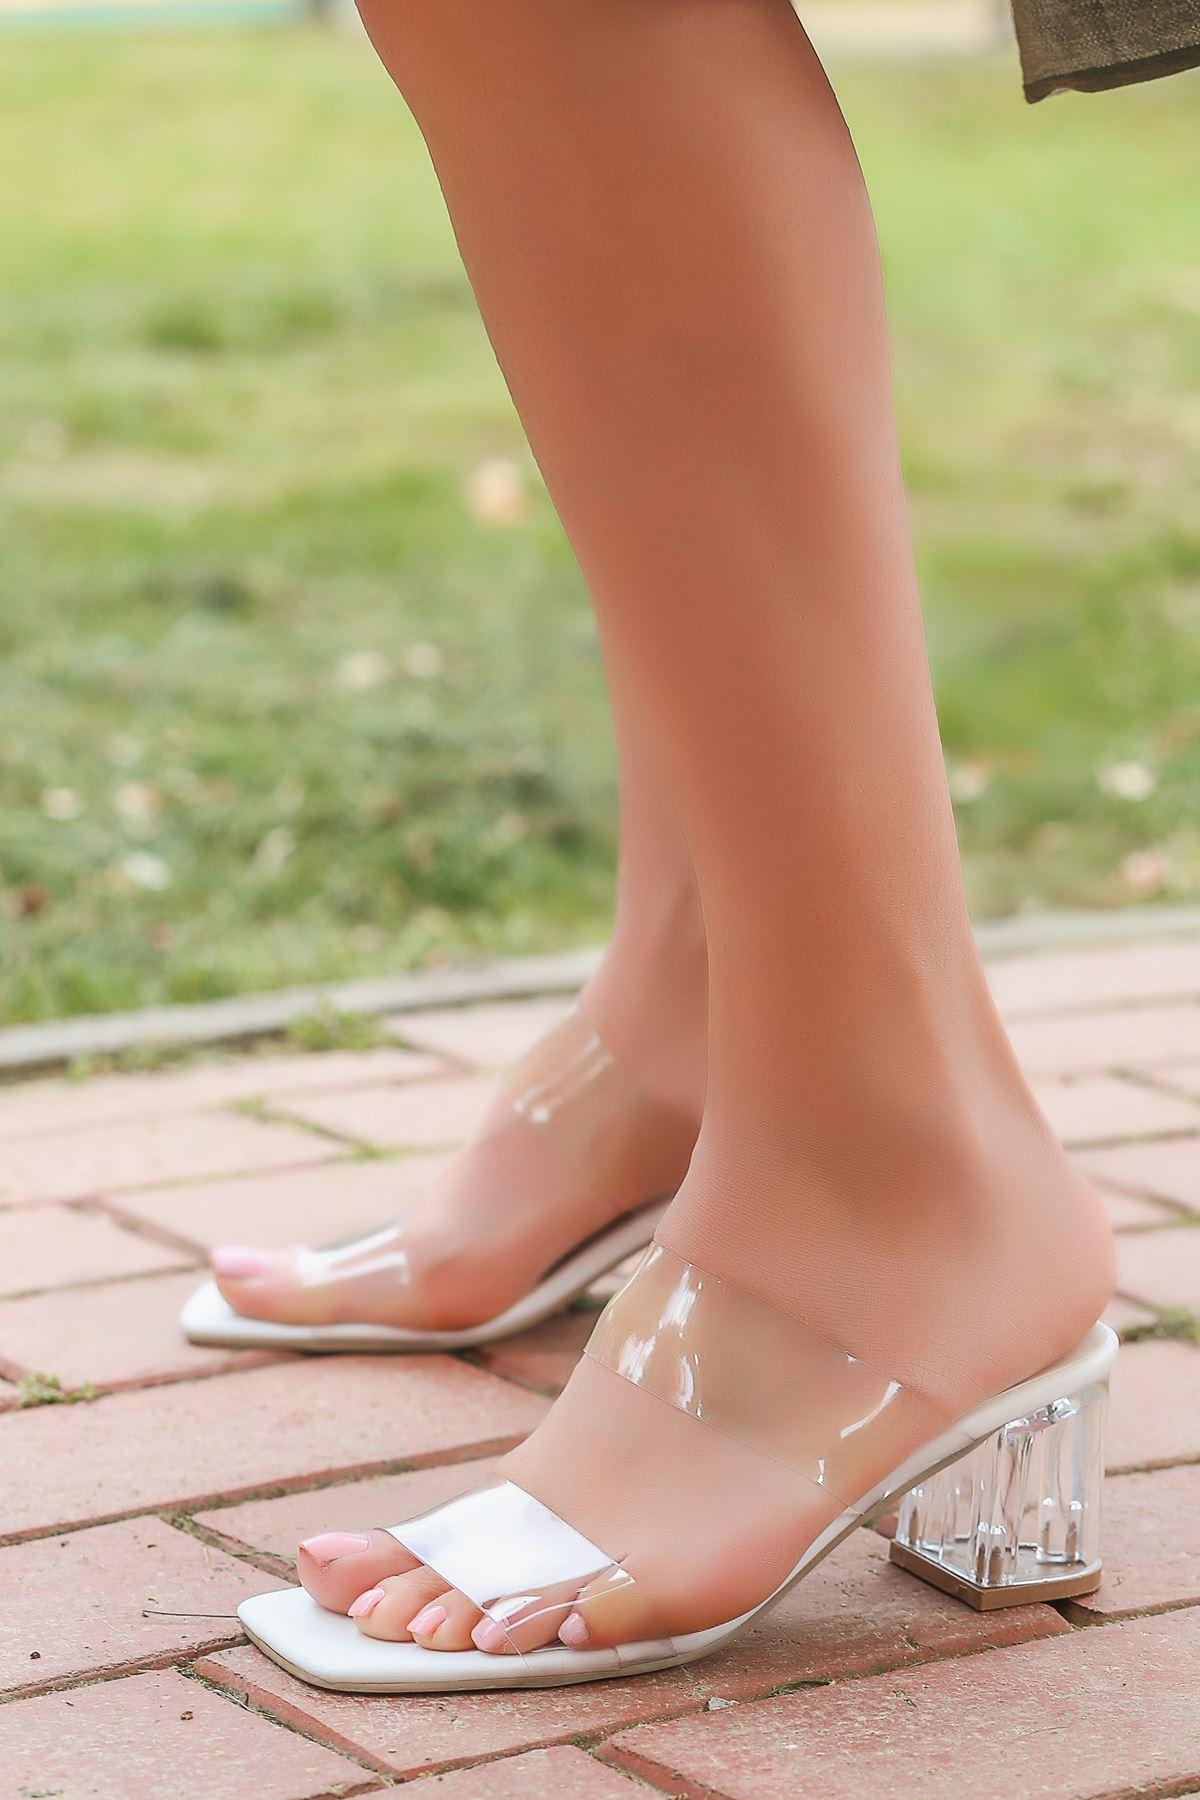 Poppy Beyaz Şeffaf Çift Bantlı Topuklu Kadın Terlik